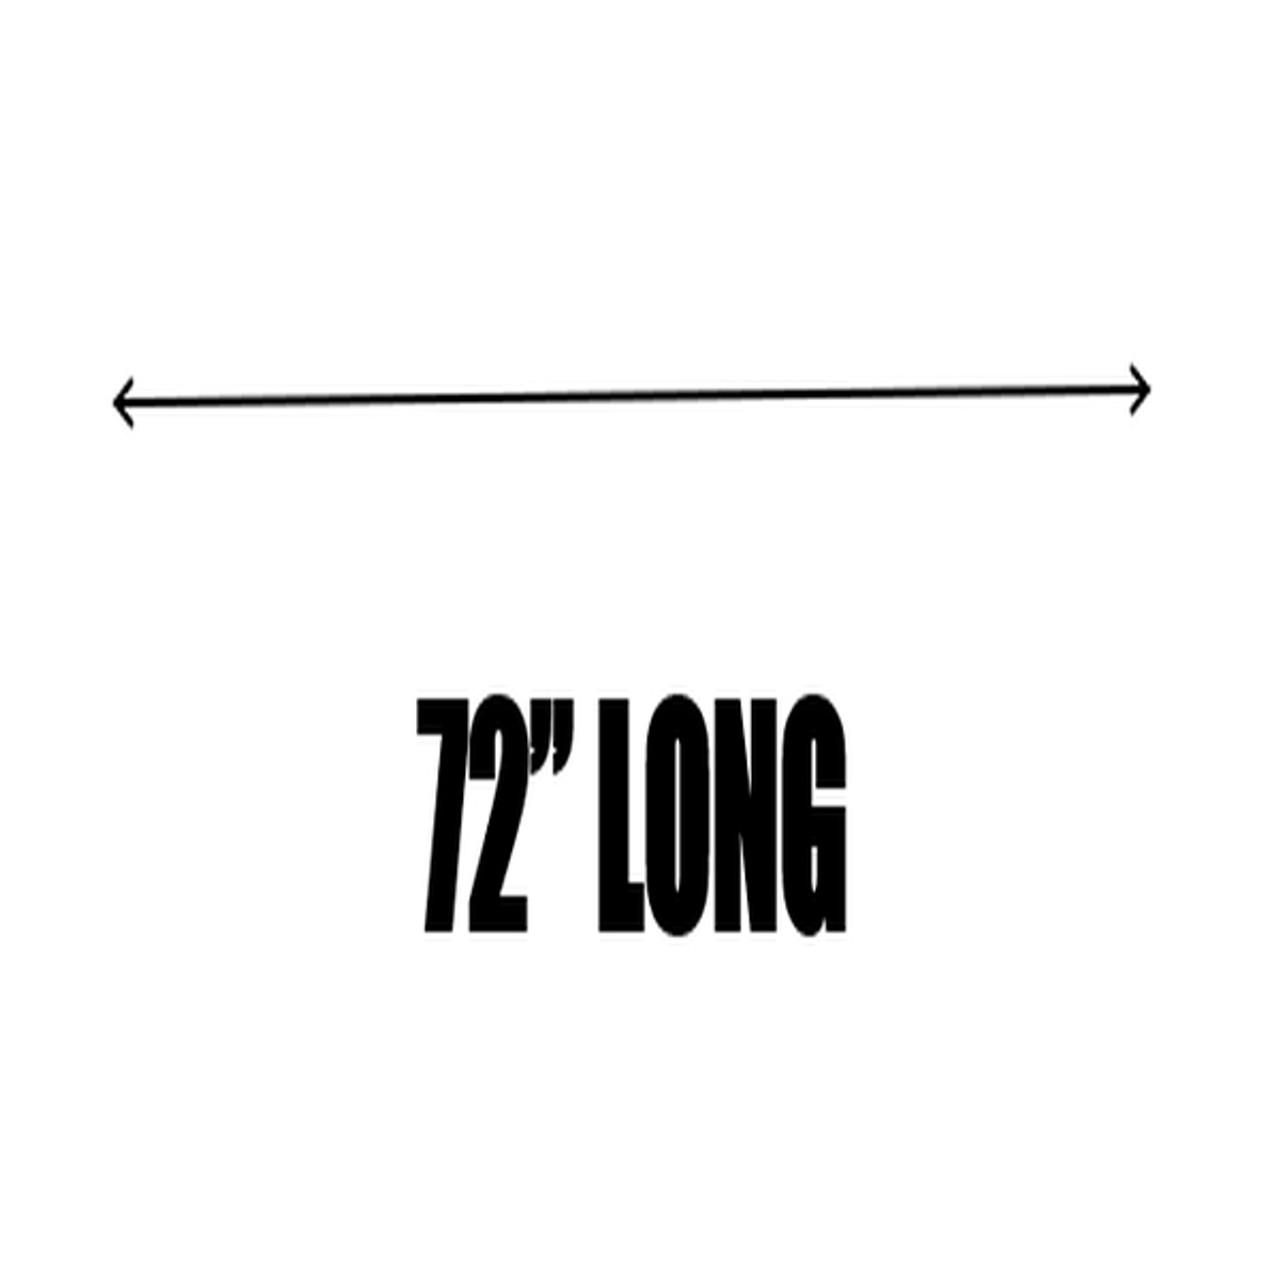 """72"""" LONG"""